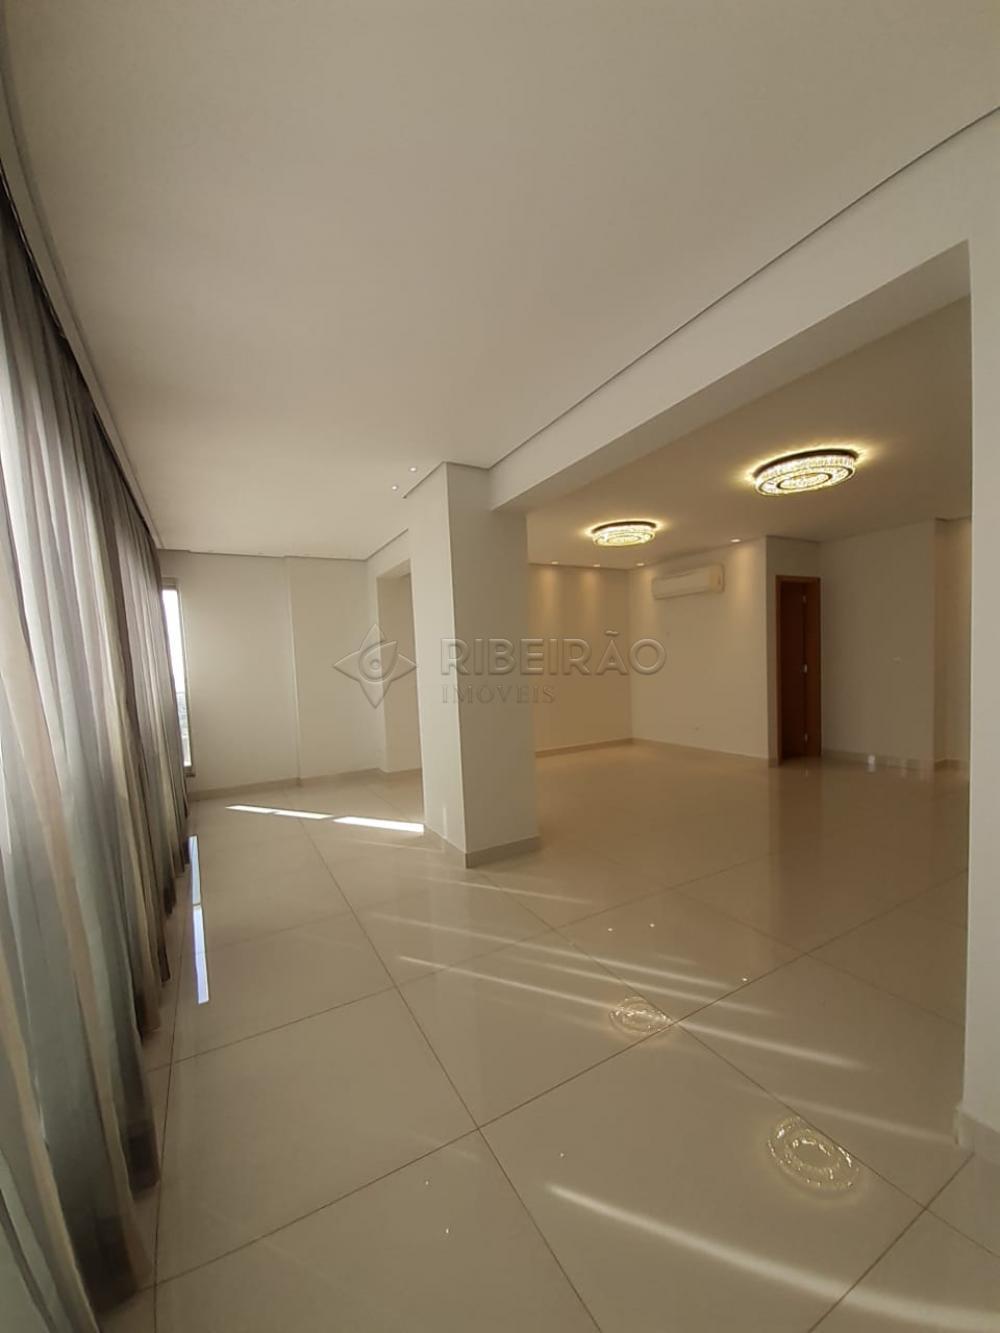 Comprar Apartamento / Cobertura em Ribeirão Preto R$ 1.900.000,00 - Foto 2